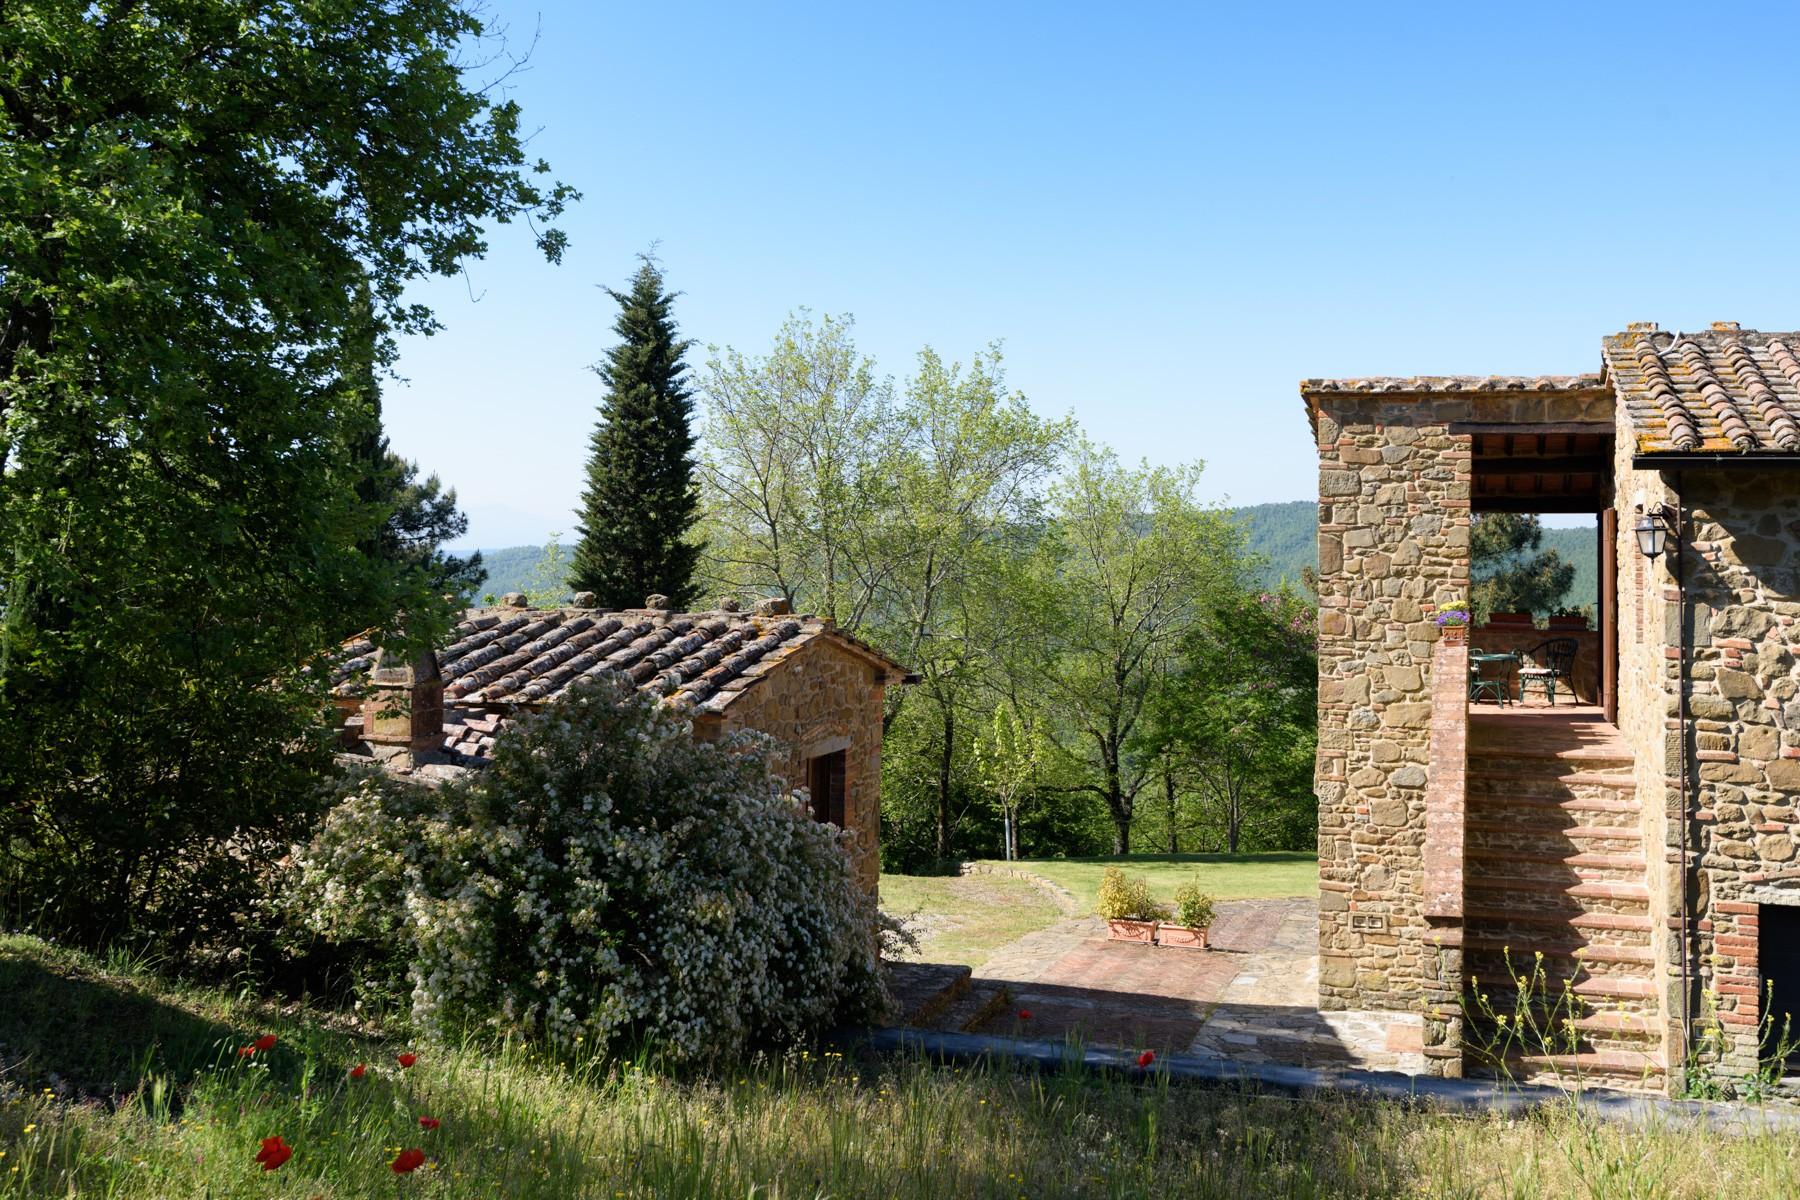 Rustico in Vendita a Monte San Savino: 5 locali, 266 mq - Foto 4